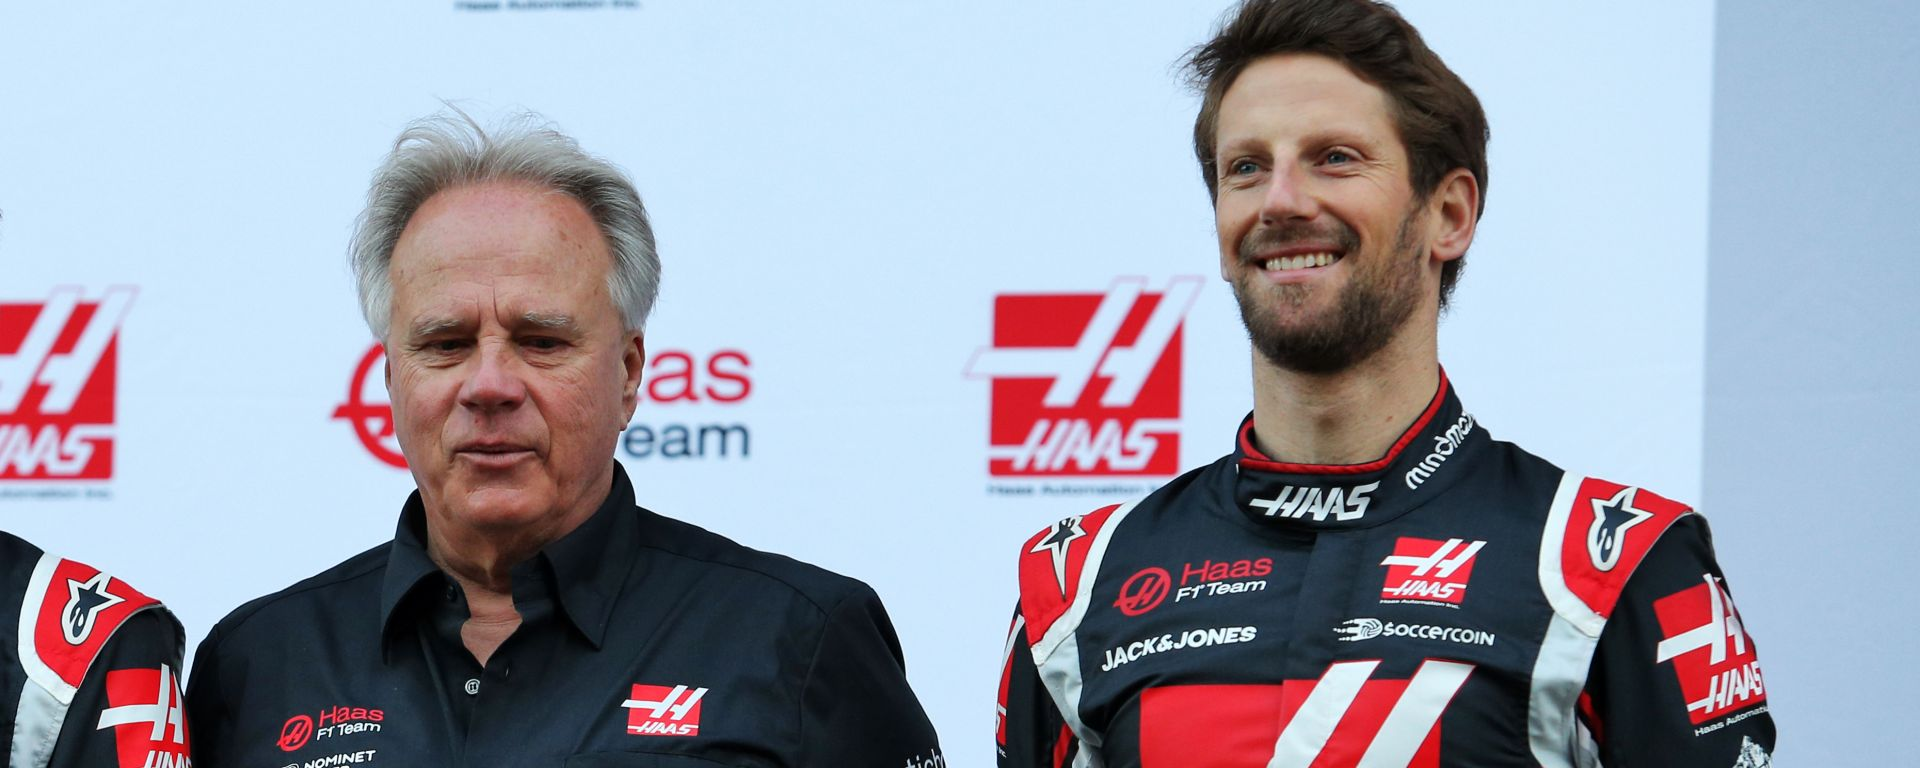 Gene Haas e Romain Grosjean alla presentazione del team Haas 2020